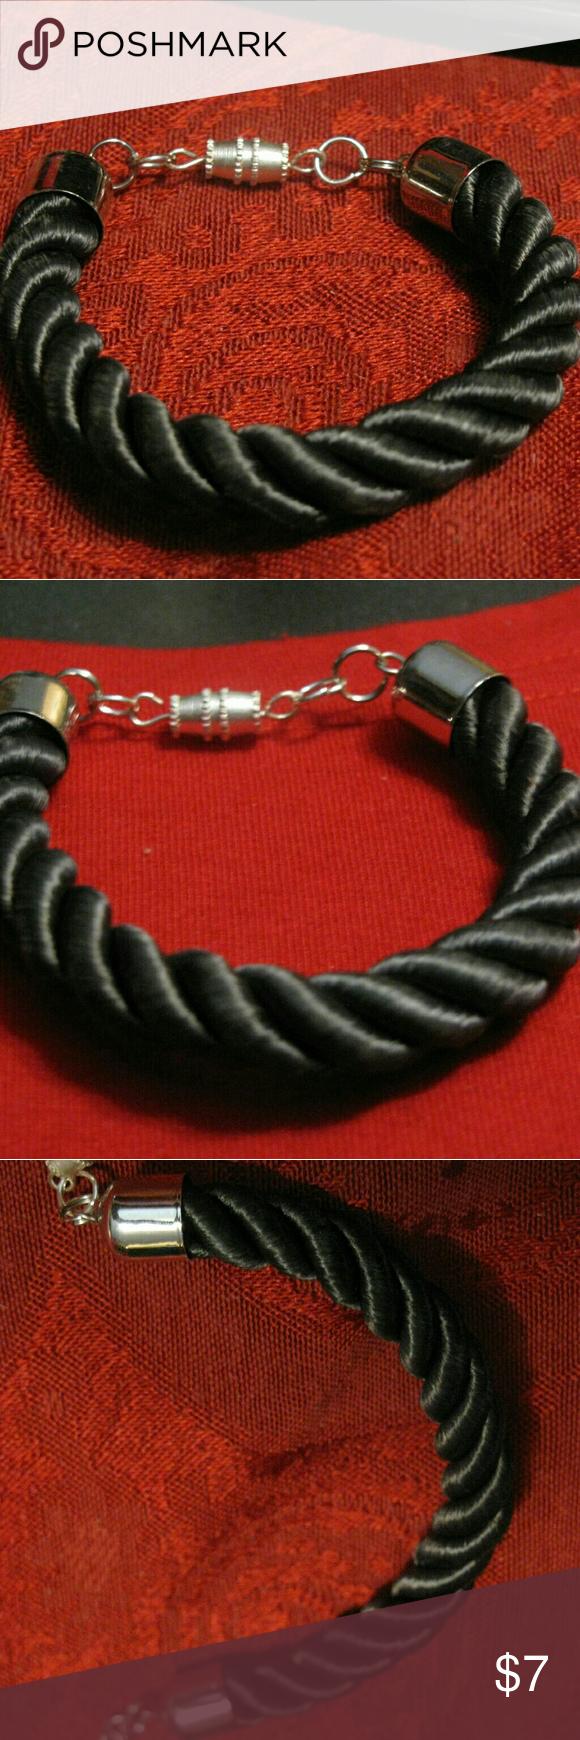 Satin twist rope bracelet 6in rope Jewelry Bracelets